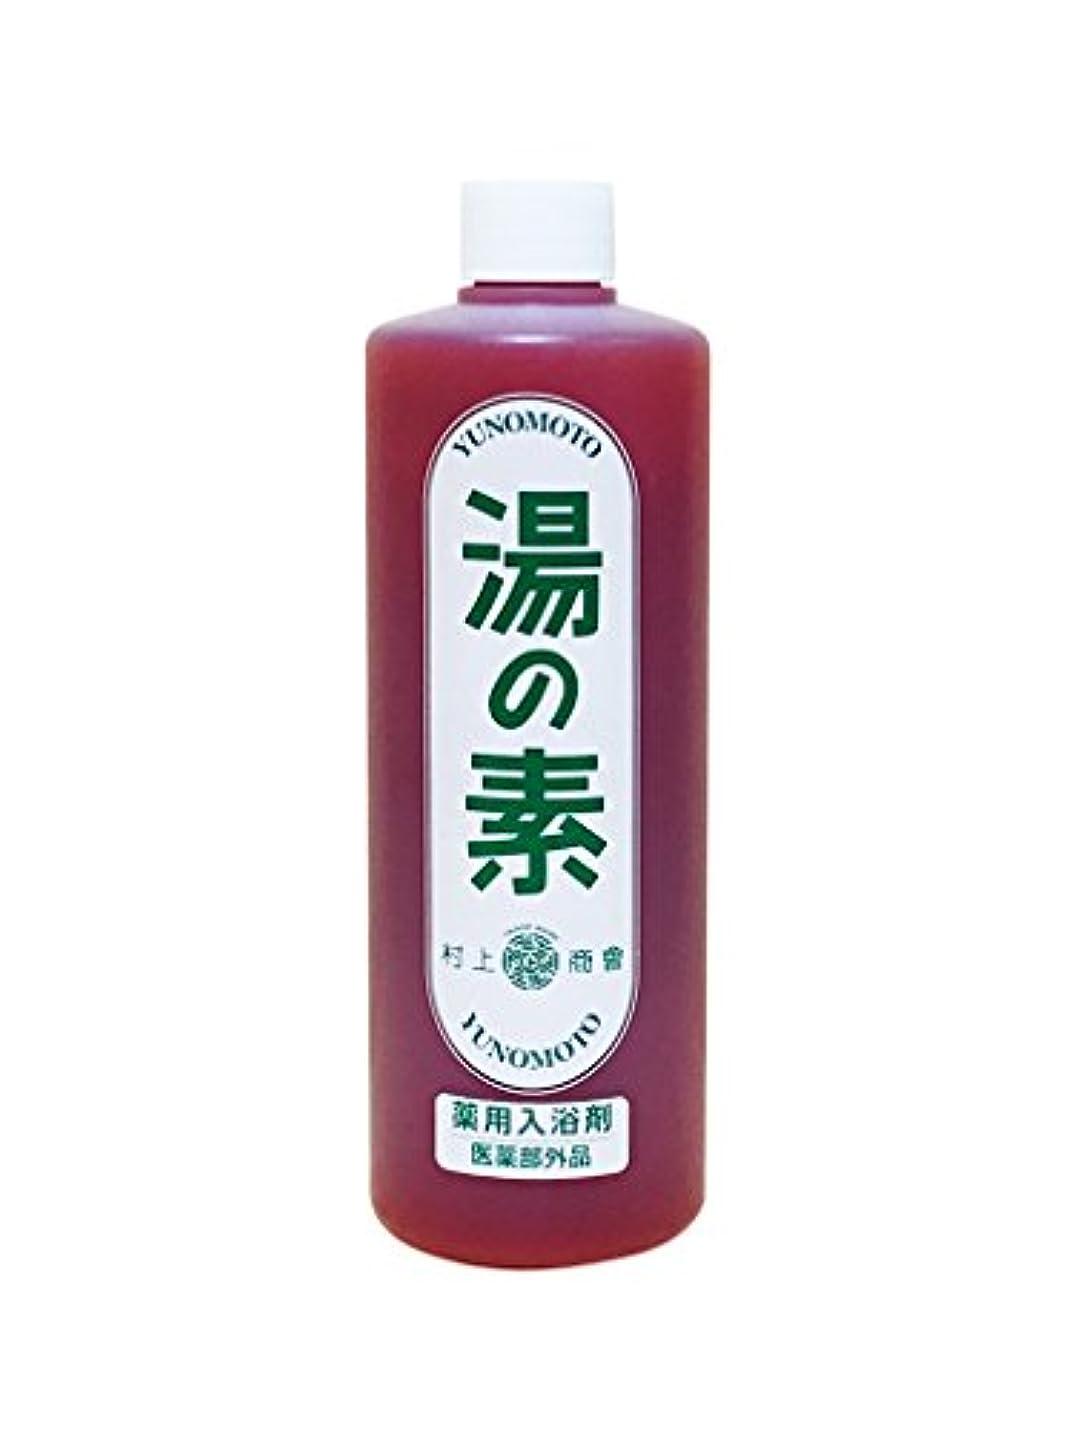 集団倍増作曲する硫黄乳白色湯 湯の素 薬用入浴剤 (医薬部外品) 490g